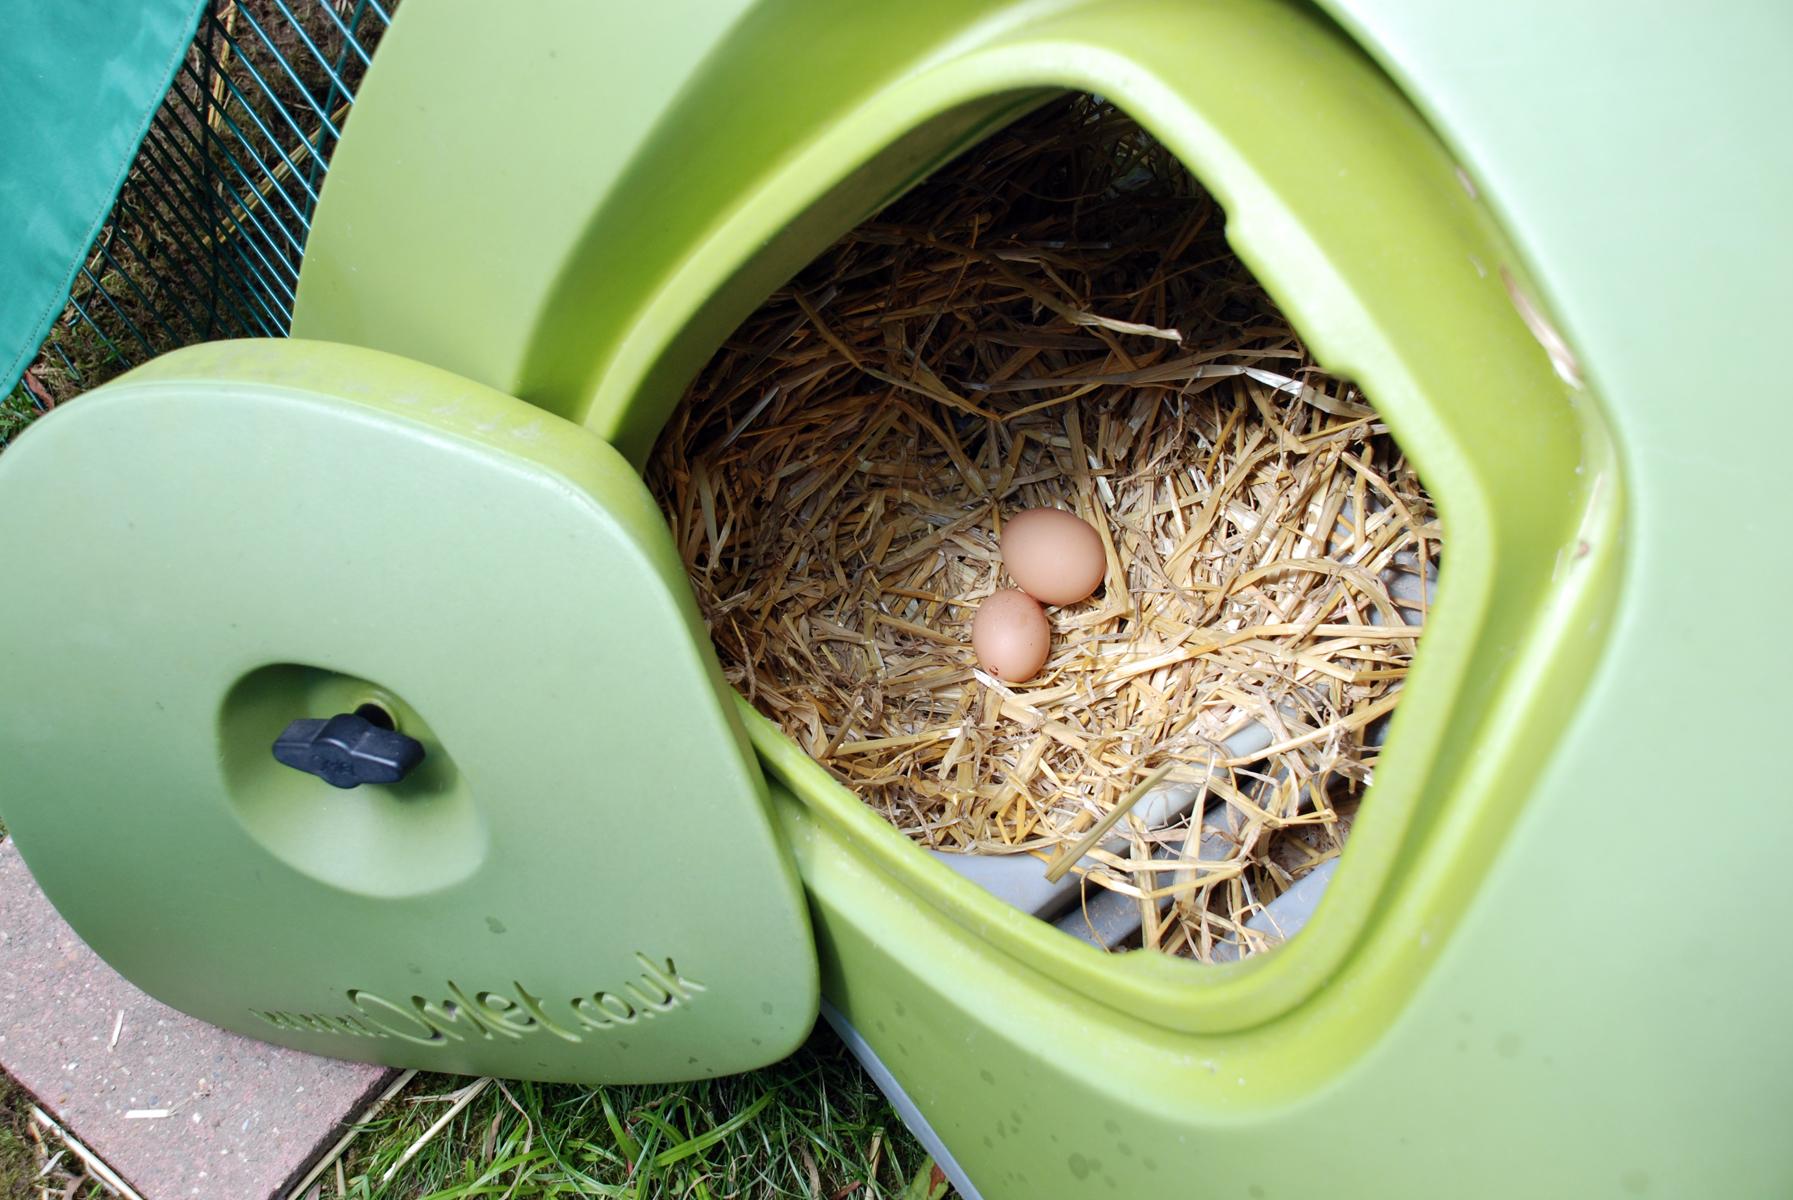 Fiona Watkins liebt es am Morgen ihre frischen Eier aus dem Eglu zu sammeln